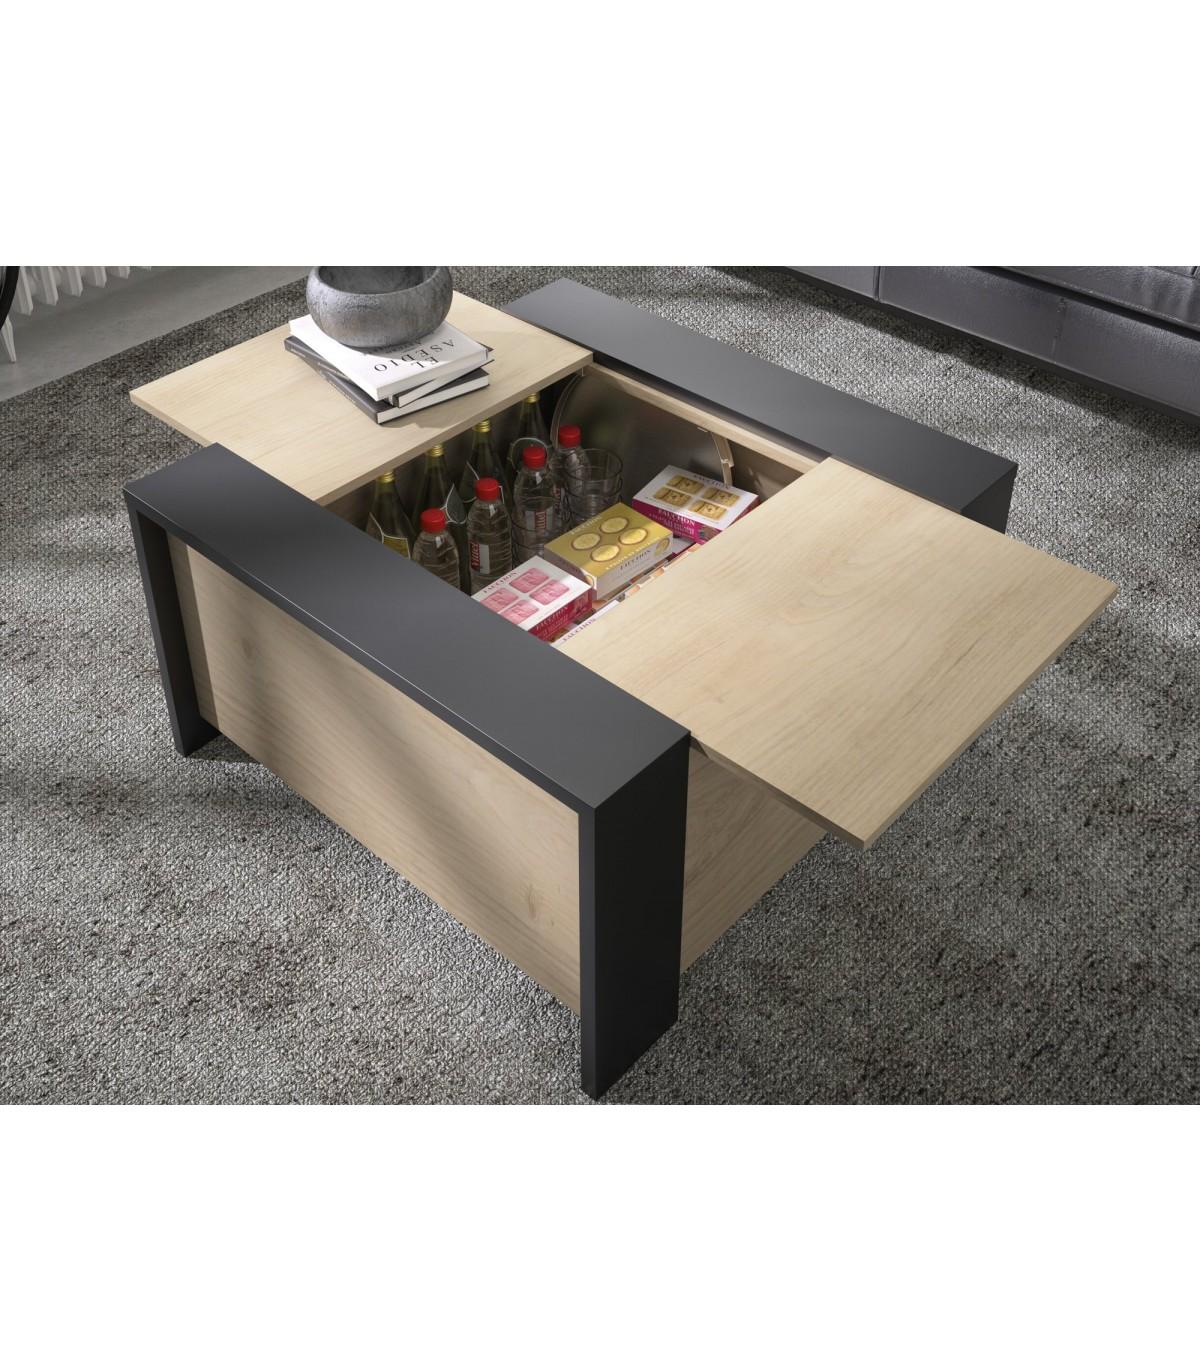 Table basse carré avec rangement bar H44cm - Marron